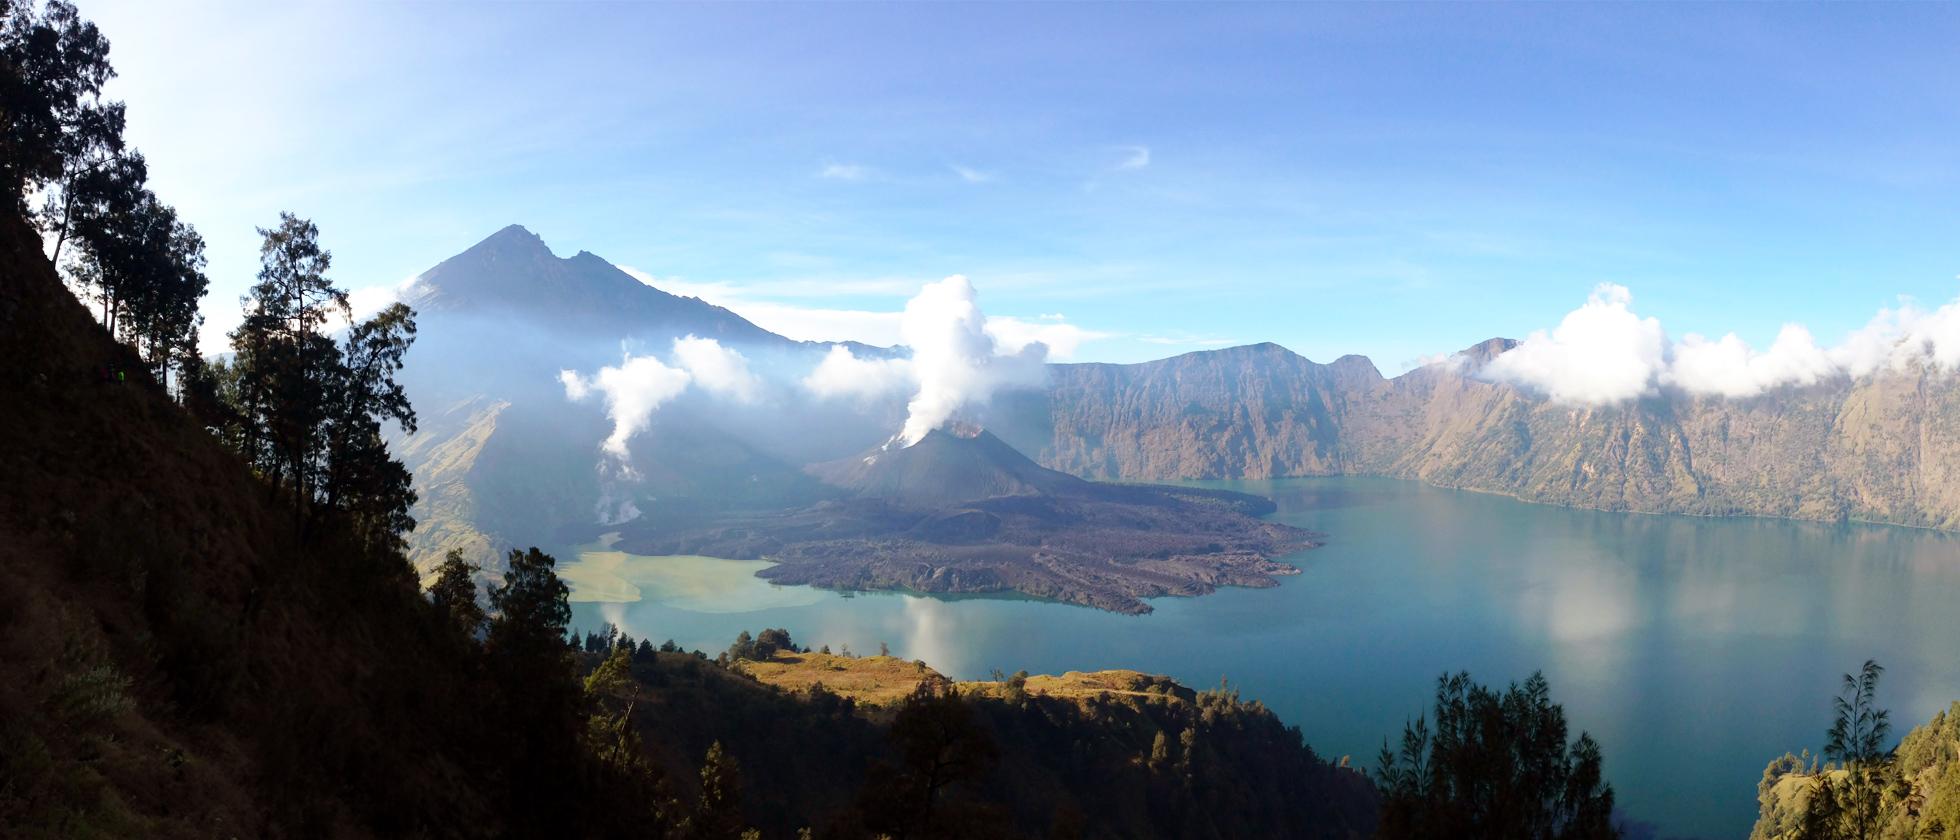 Fotoreportage Mount Rinjani: Het Hoogtepunt Van Lombok